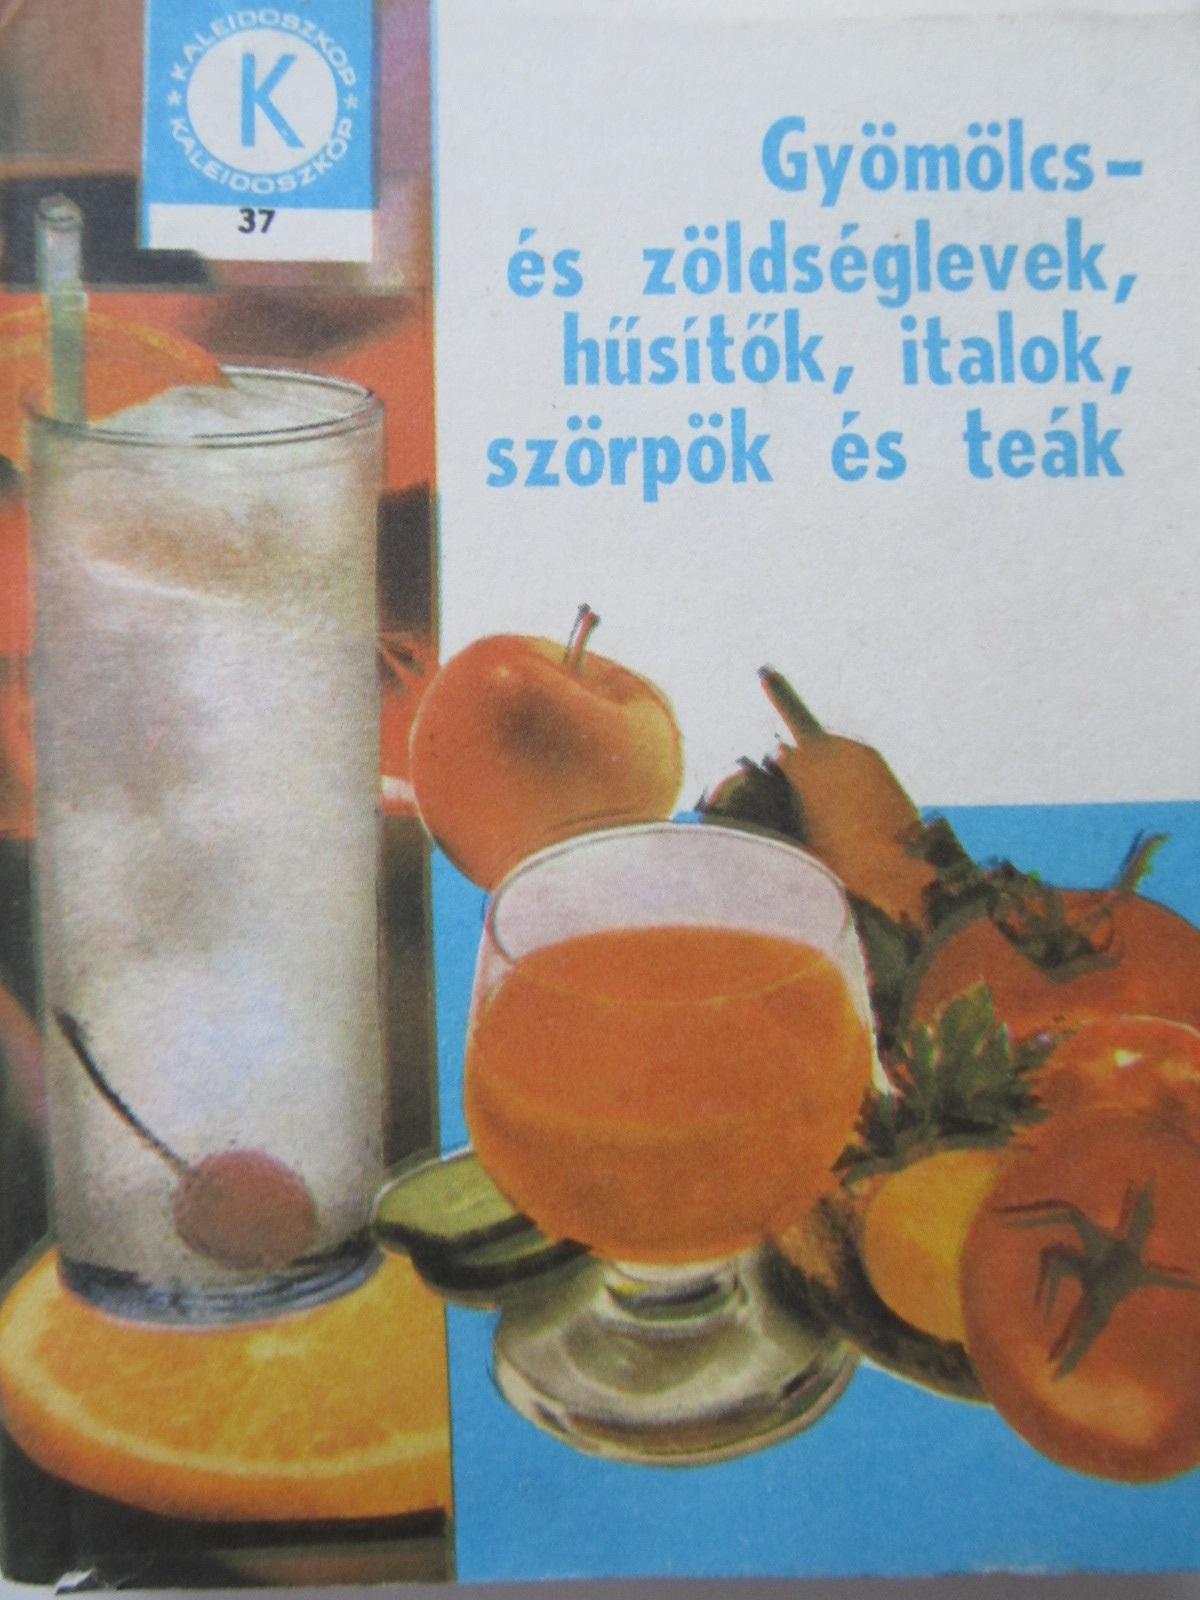 Gyomolcs- es zoldseglevek husitok italok szorpok es teak (37) - Schveiger Agnes , ... | Detalii carte